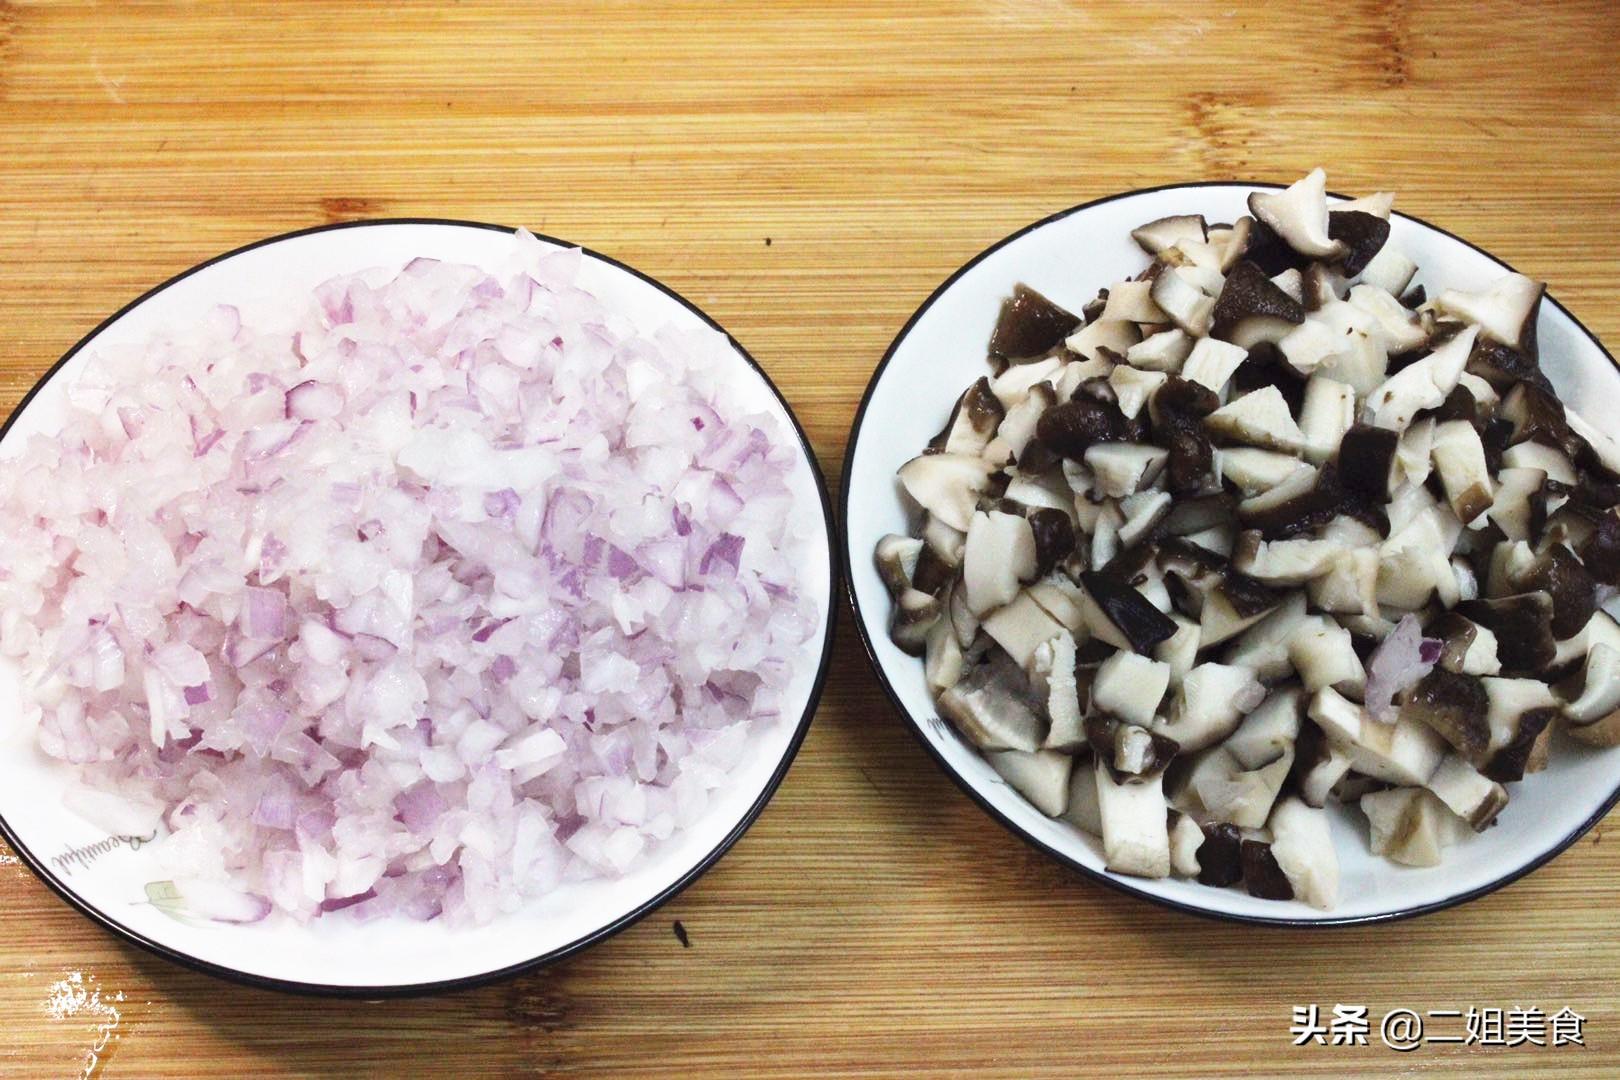 鸡肉和香菇搭配,做盒子没想到这么好吃,比韭菜馅香,比肉馅解馋